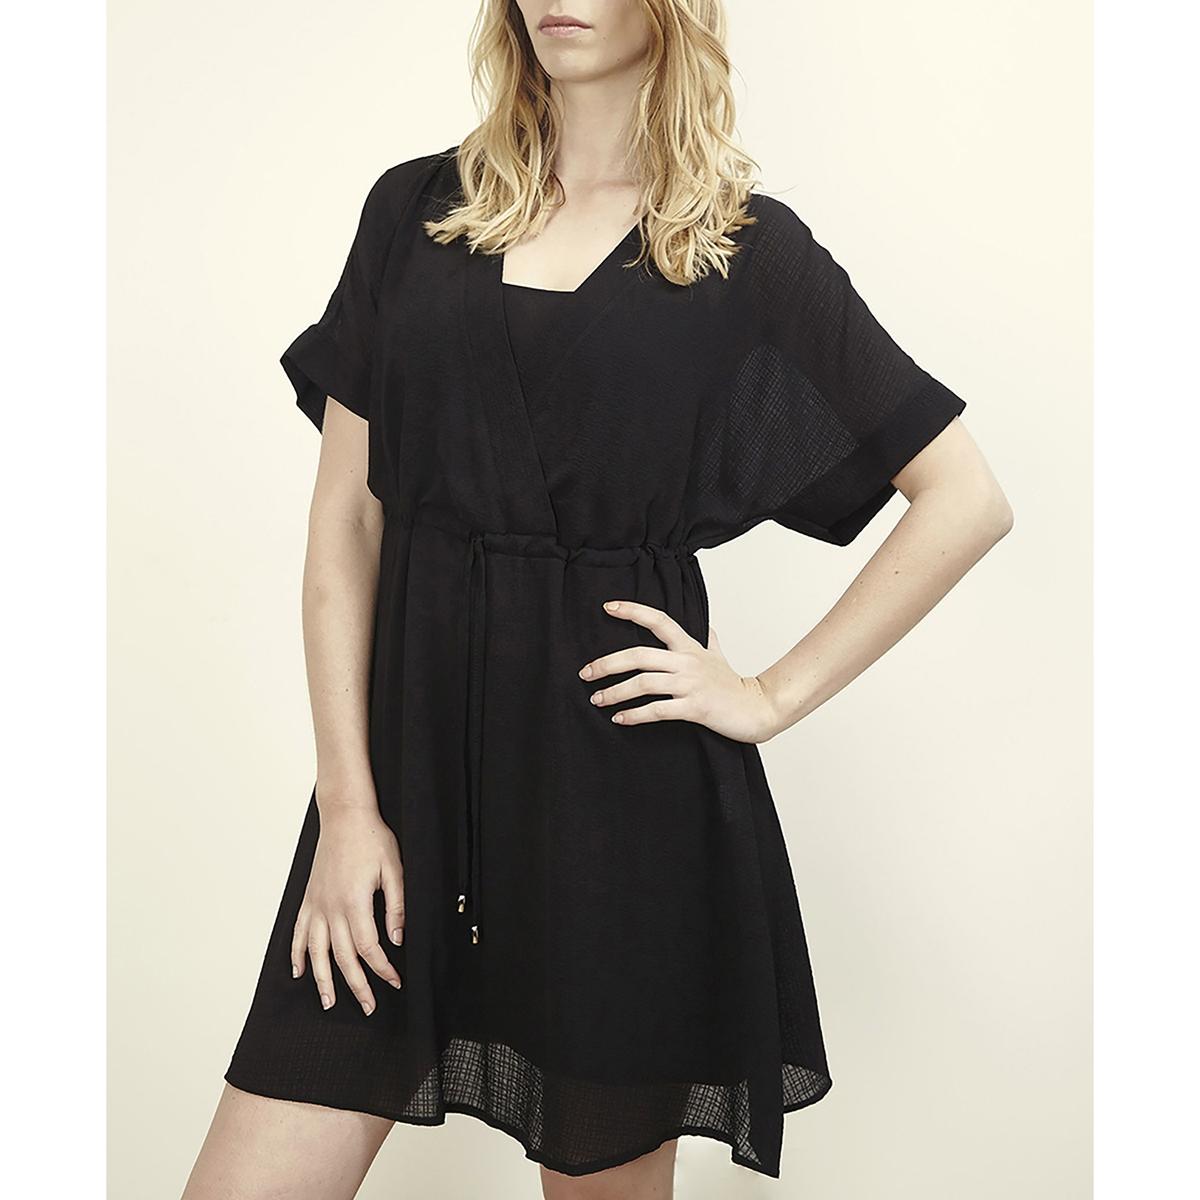 Платье с короткими рукавами RADIALПлатье RADIAL от LENNY B . Платье  на подкладке. Вырез с запахом . Короткие рукава. завязки на поясе .Состав и детали     Материал: 100% полиэстера.     Марка    LENNY B.<br><br>Цвет: черный<br>Размер: 2(M)